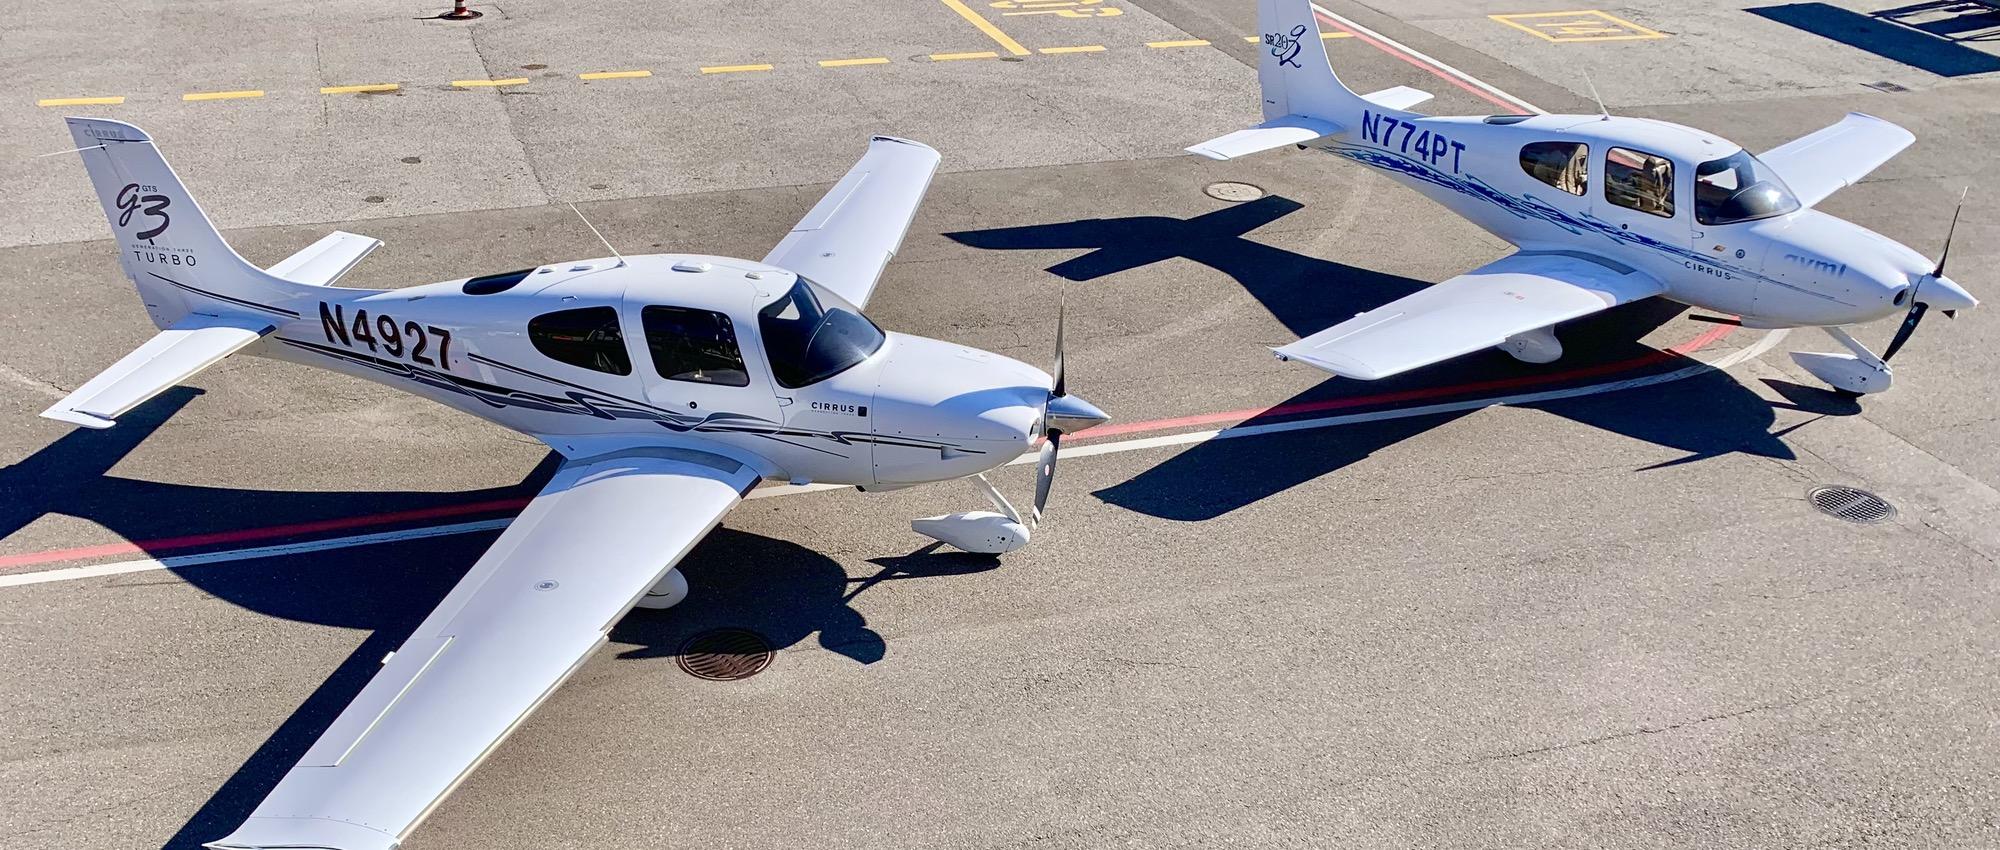 Aero Club Lugano